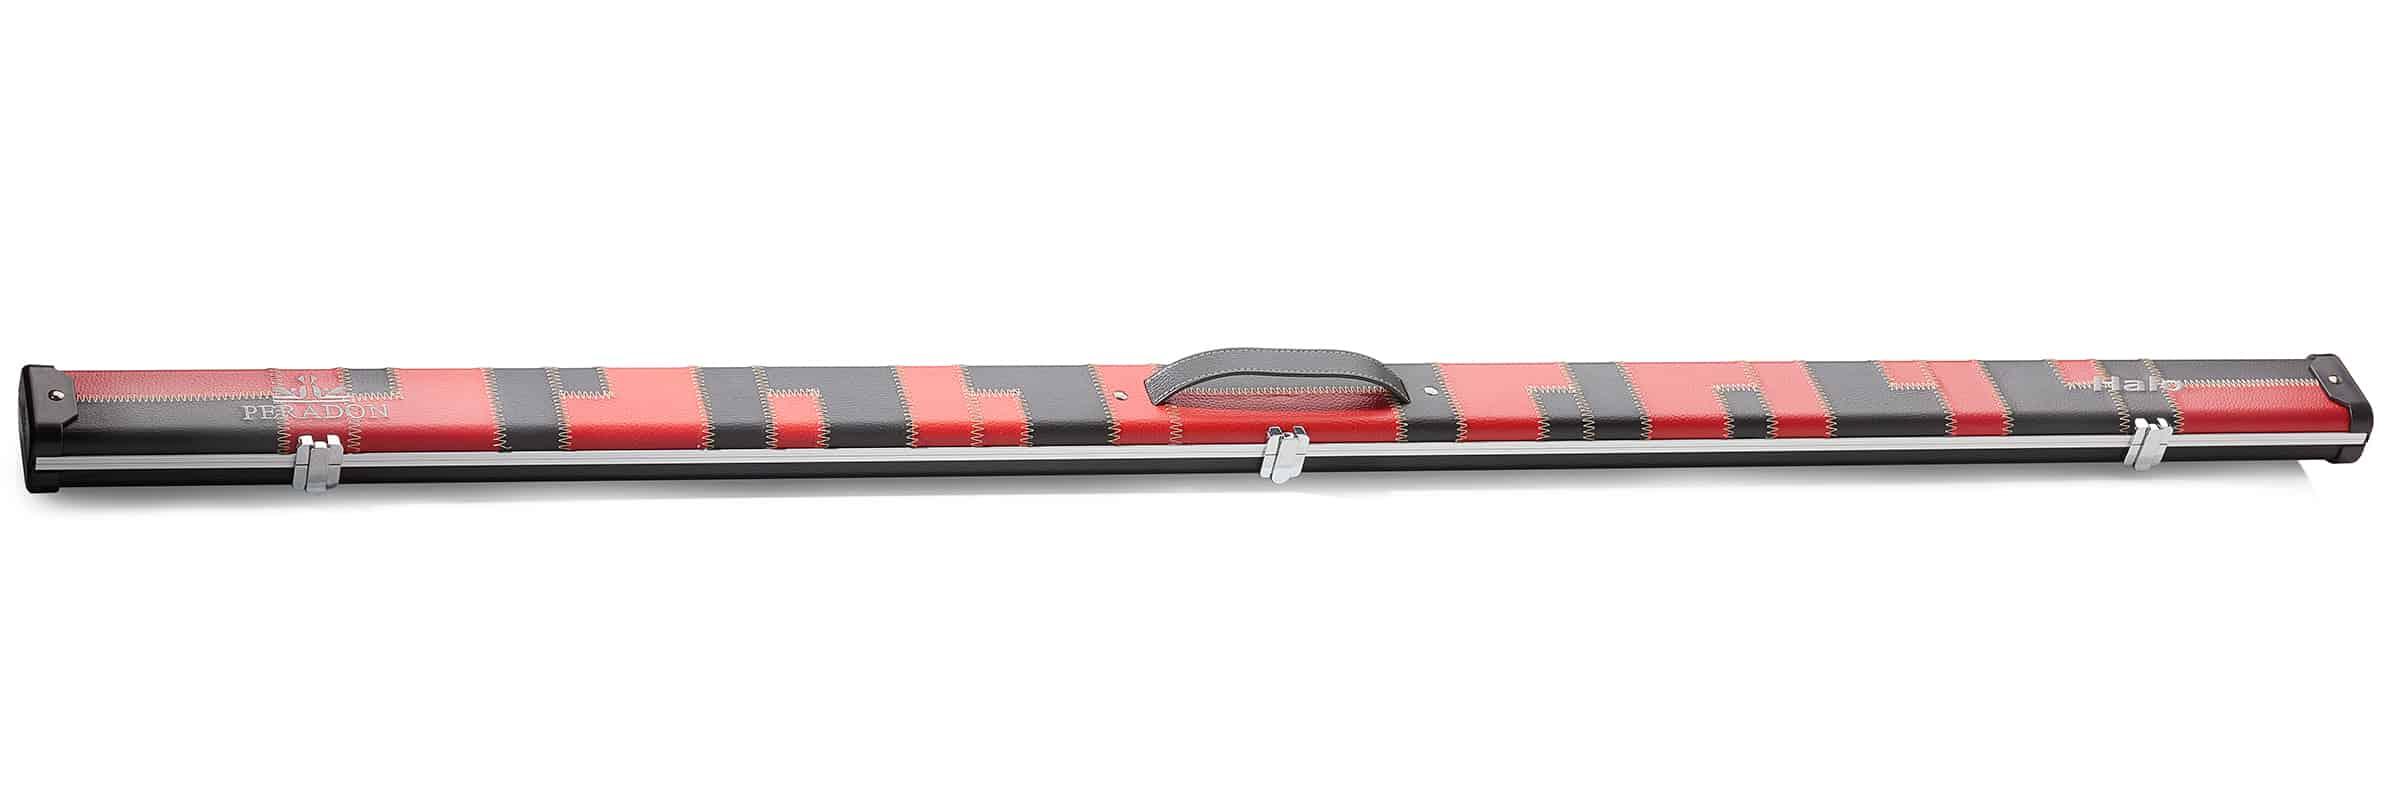 Peradon Halo 1 Piece Snooker Black Red Patch Wide Cue Case